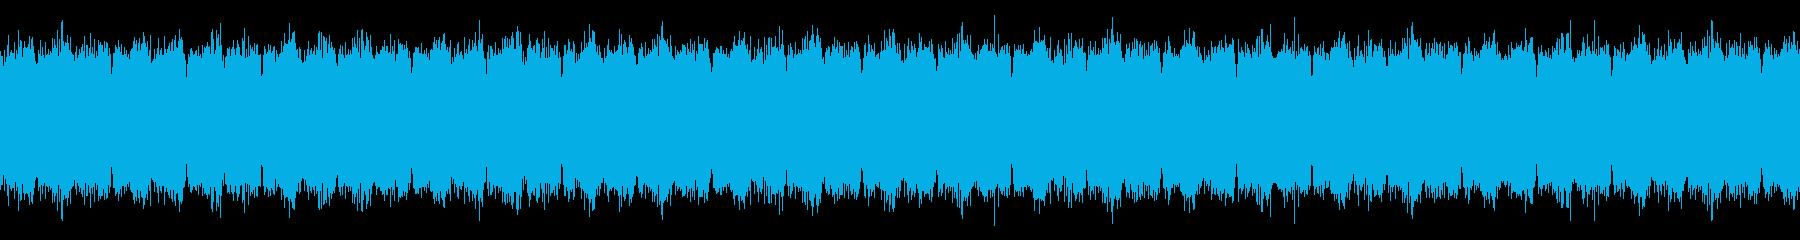 ホラー、不気味なストリングス(効果音増)の再生済みの波形